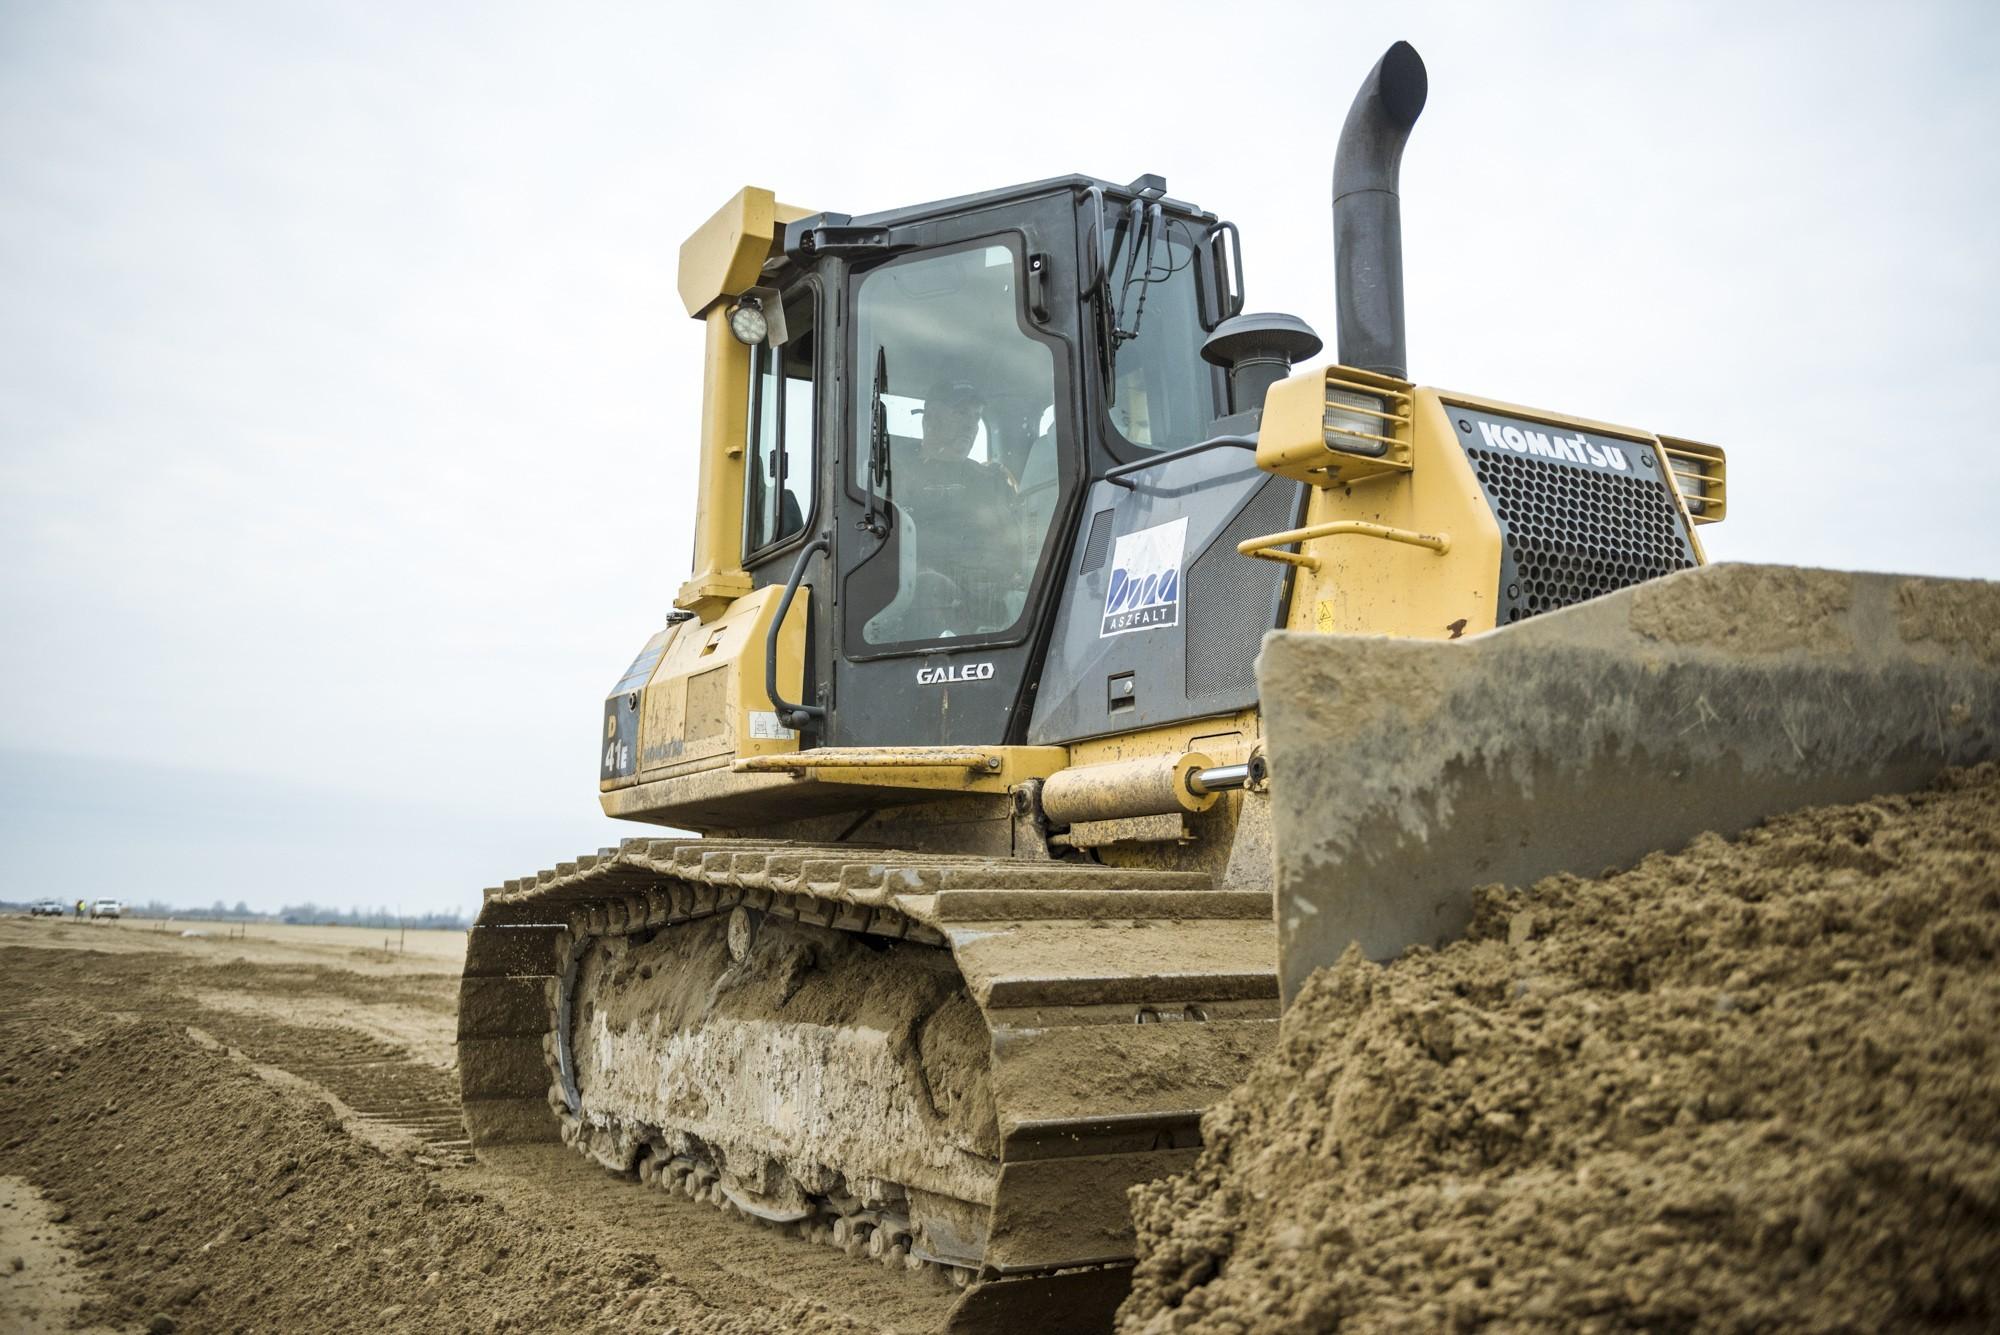 Nyolcmilliárdos mélyépítési fejlesztés indul Baján